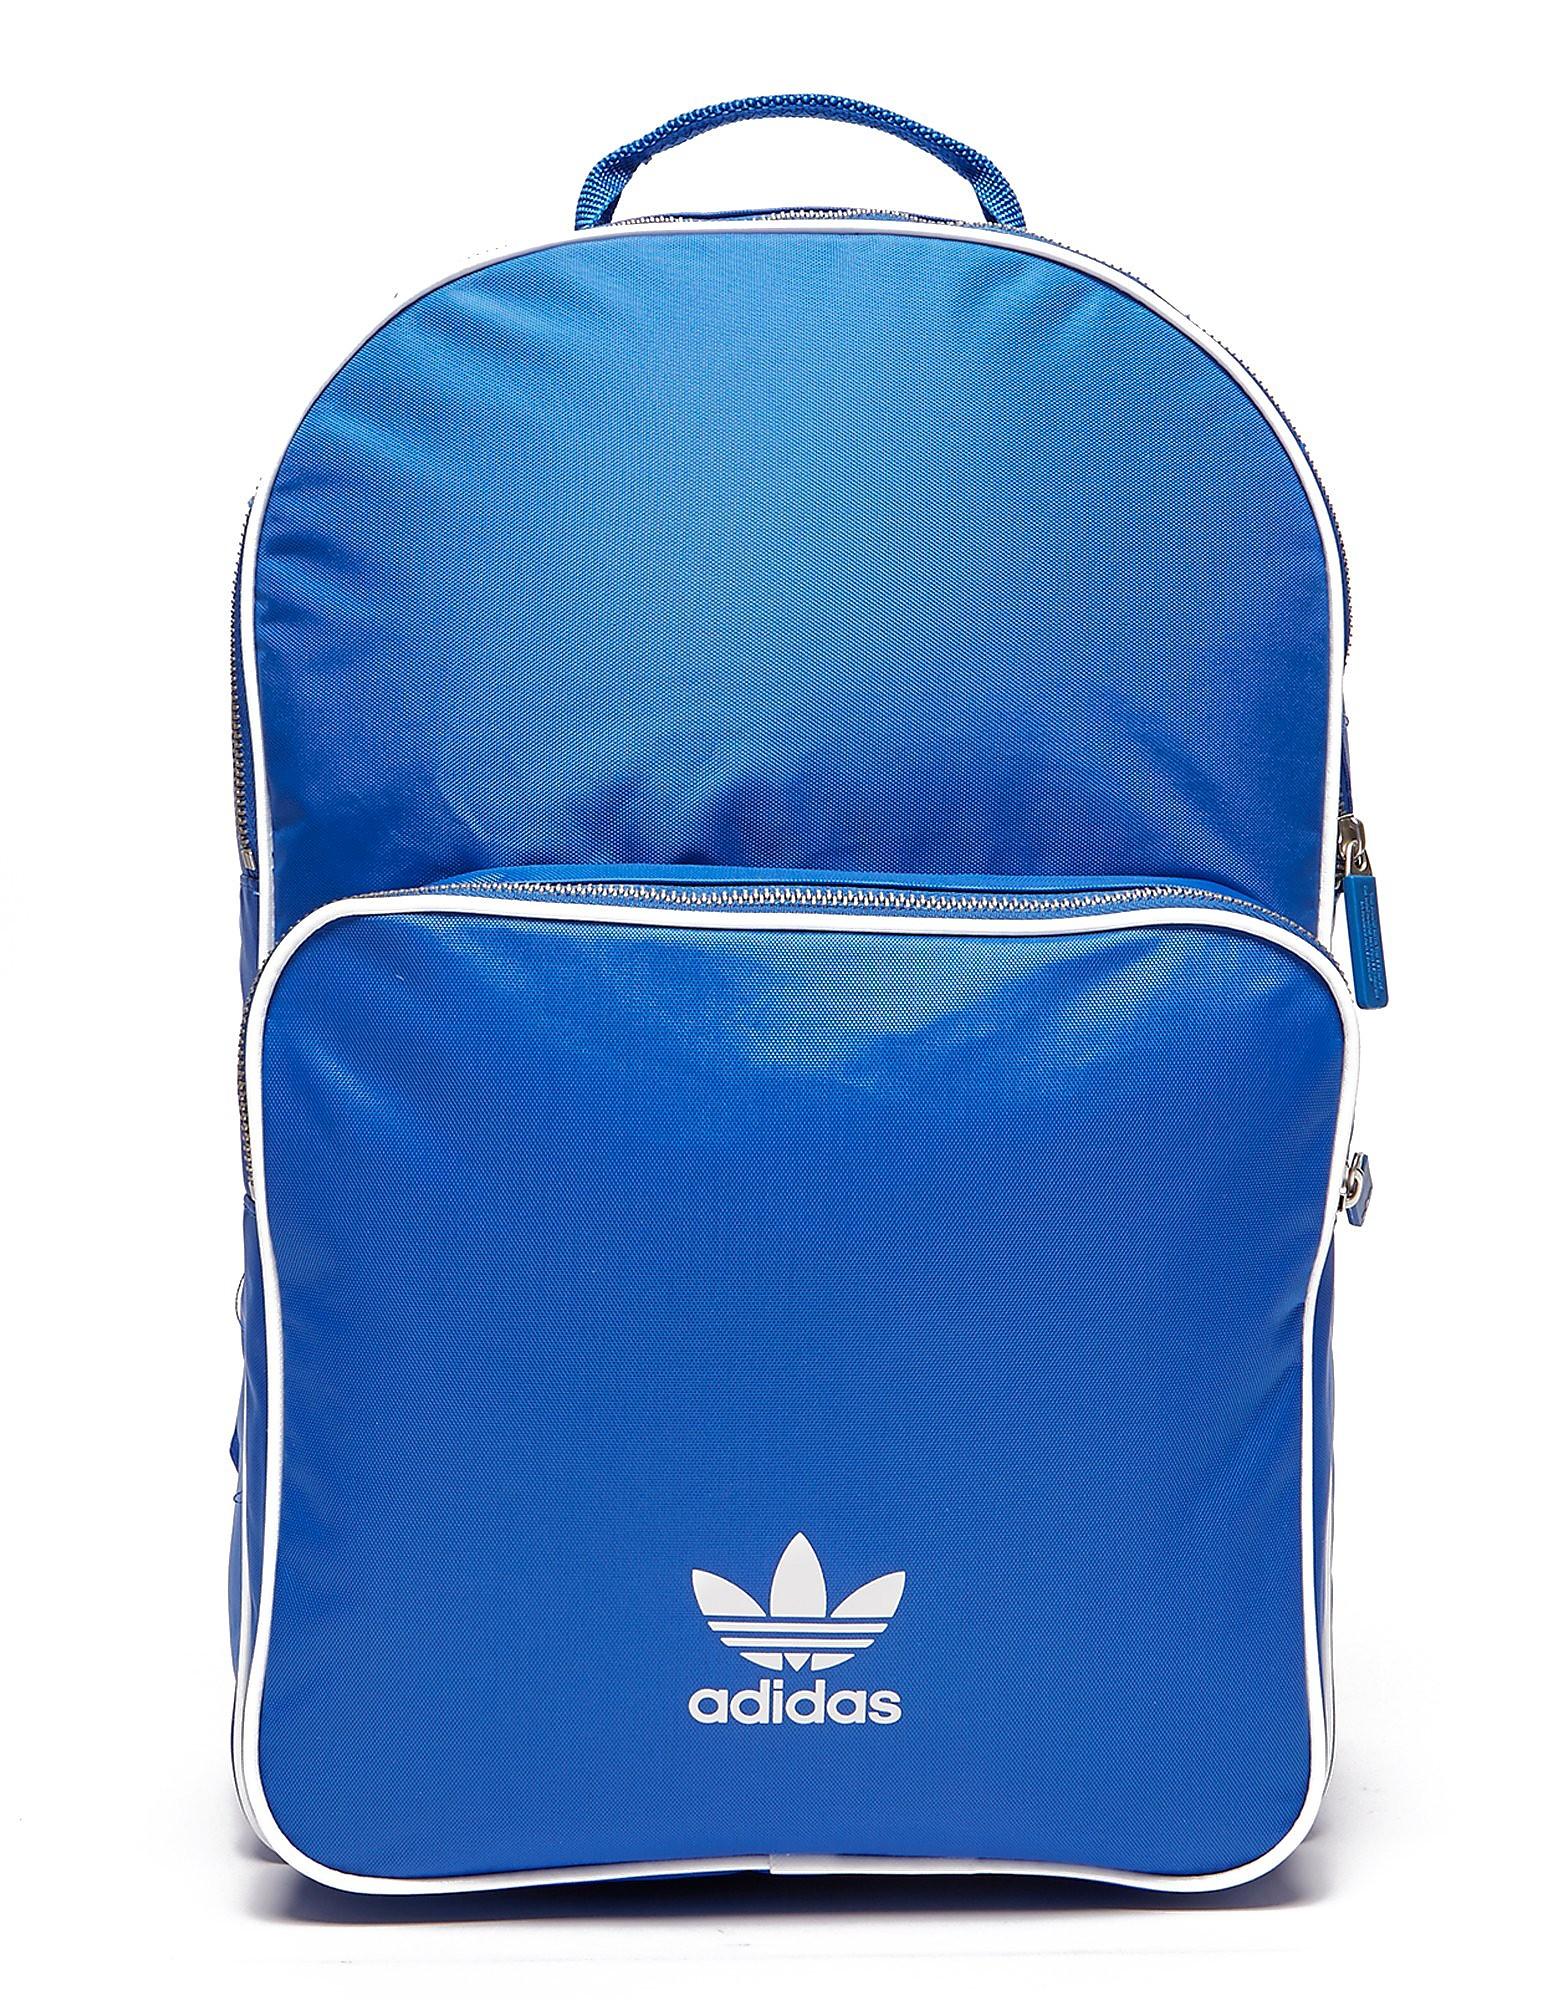 adidas Originals Adicolor Backpack - Blauw - Heren